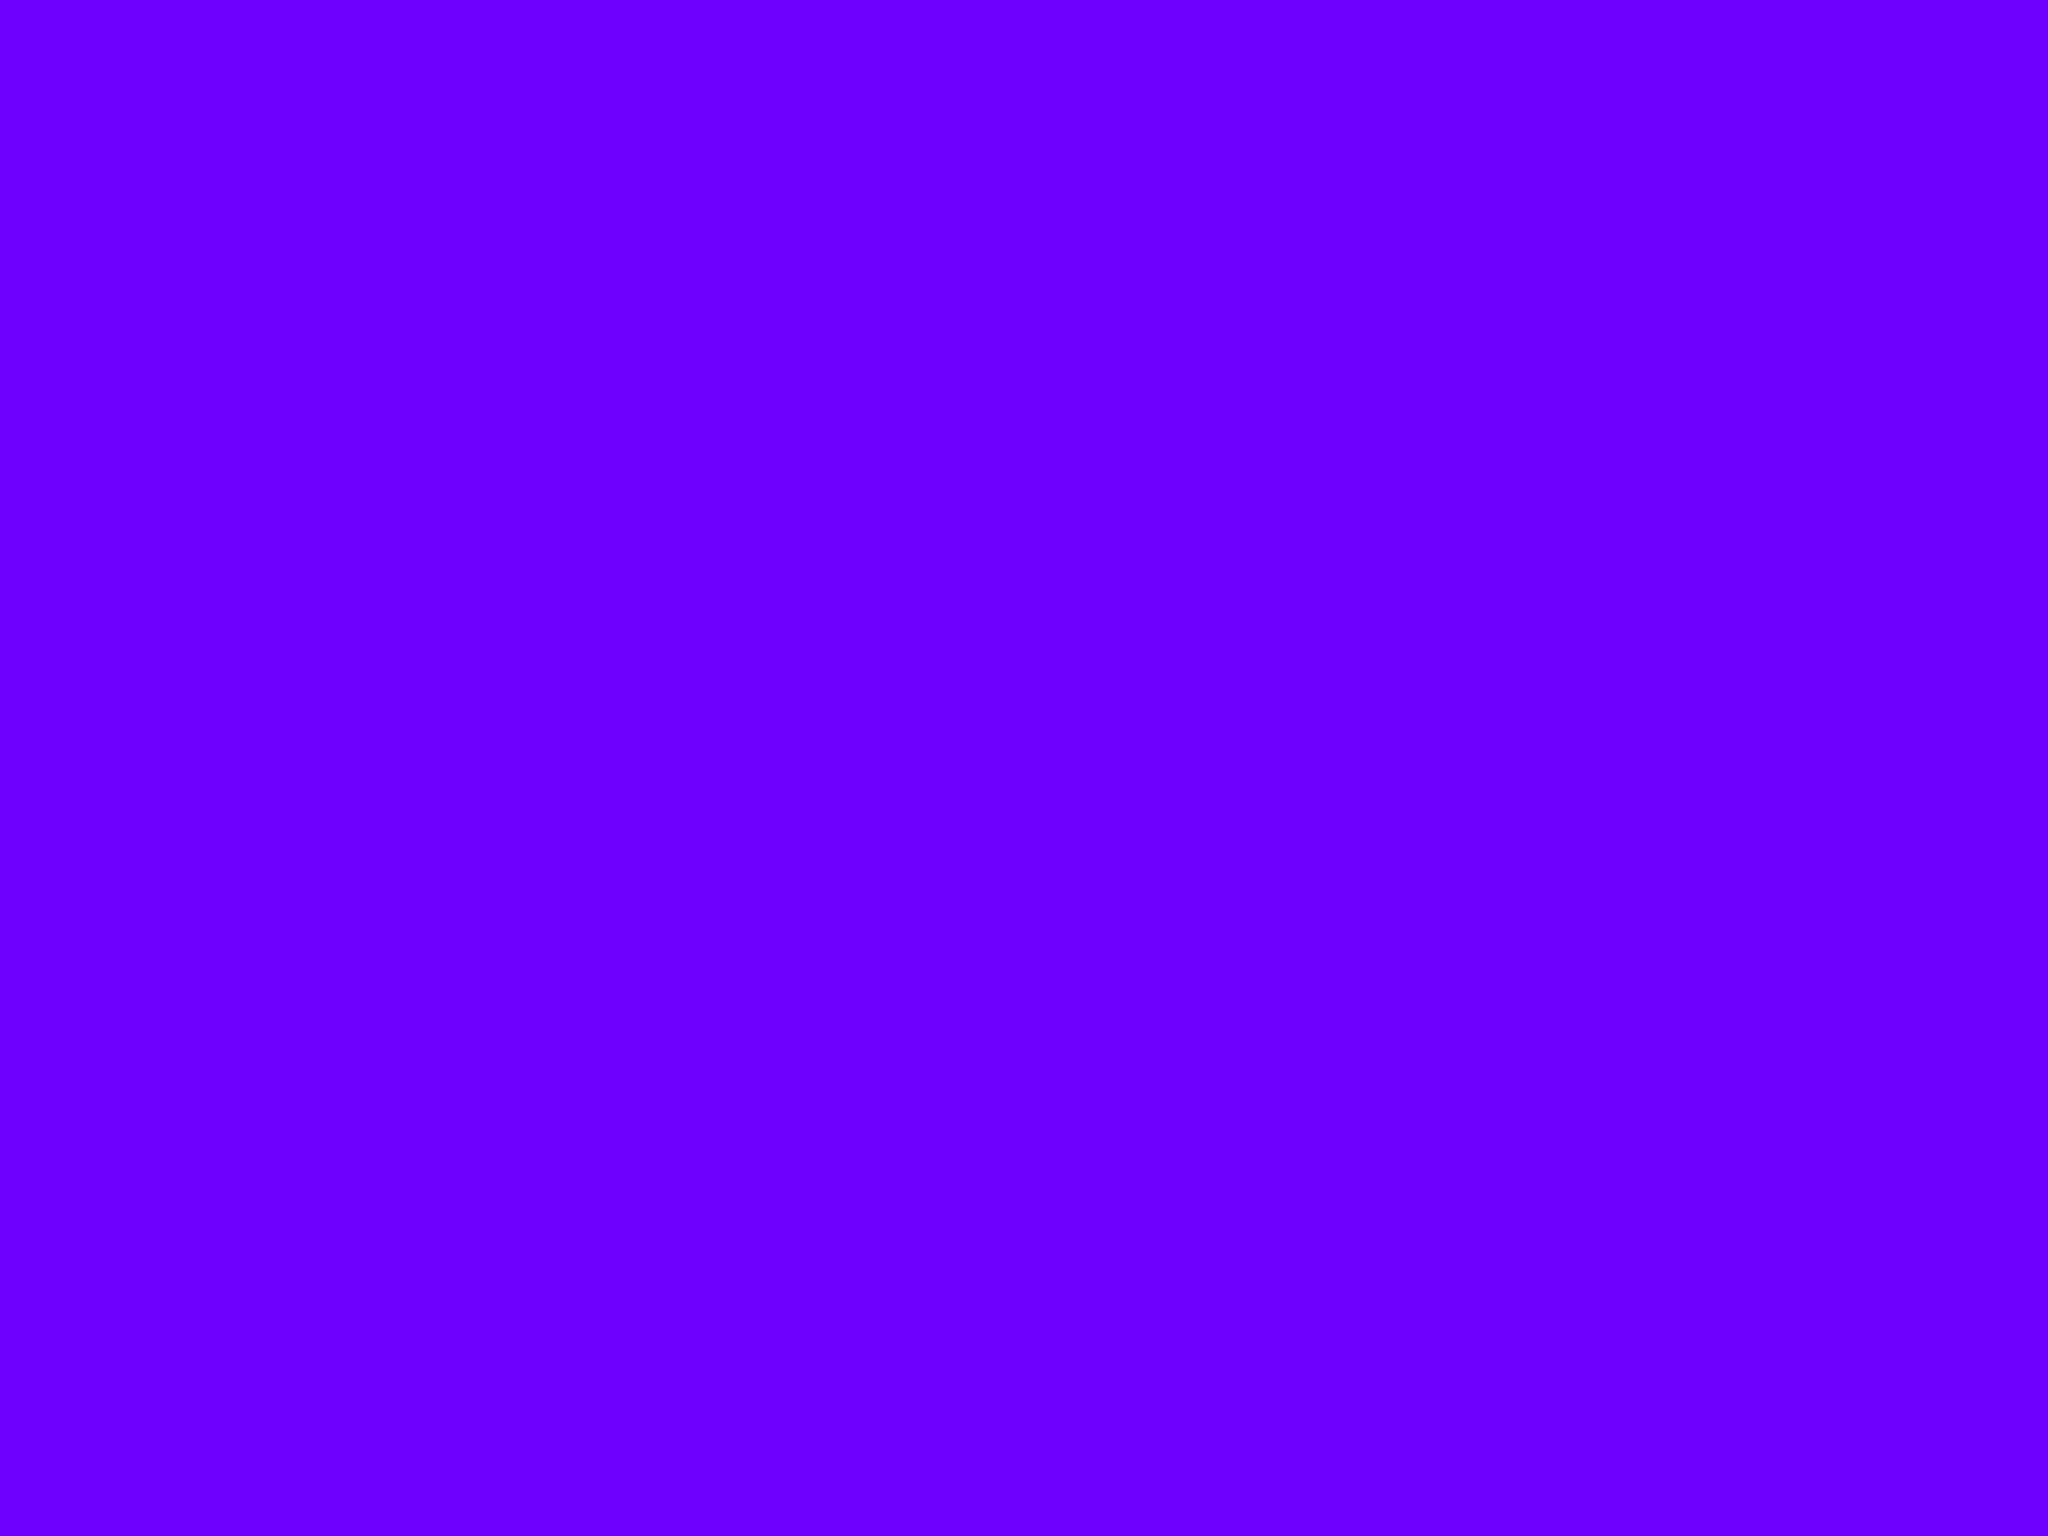 2048x1536 Indigo Solid Color Background